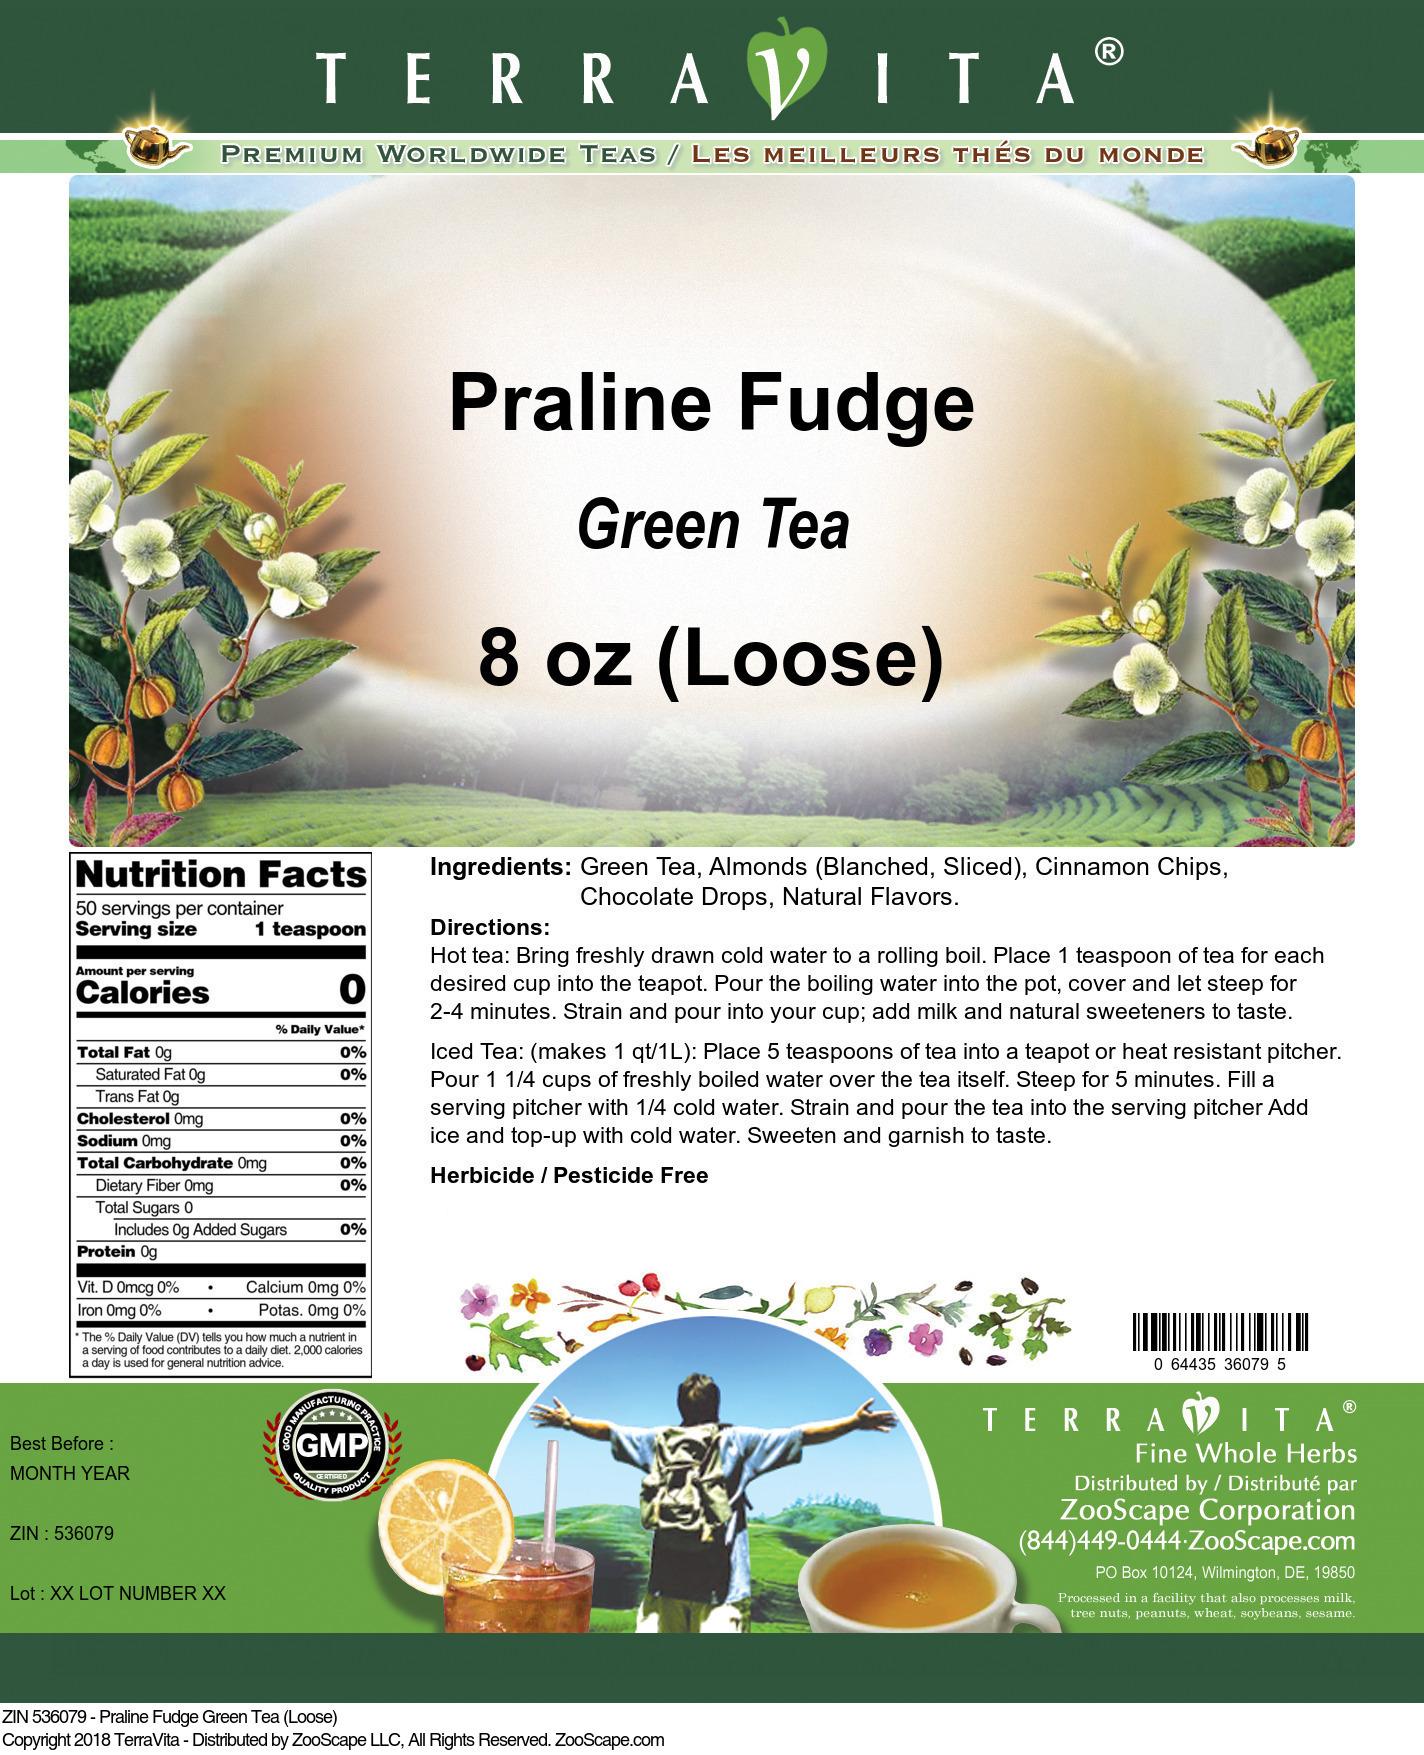 Praline Fudge Green Tea (Loose)